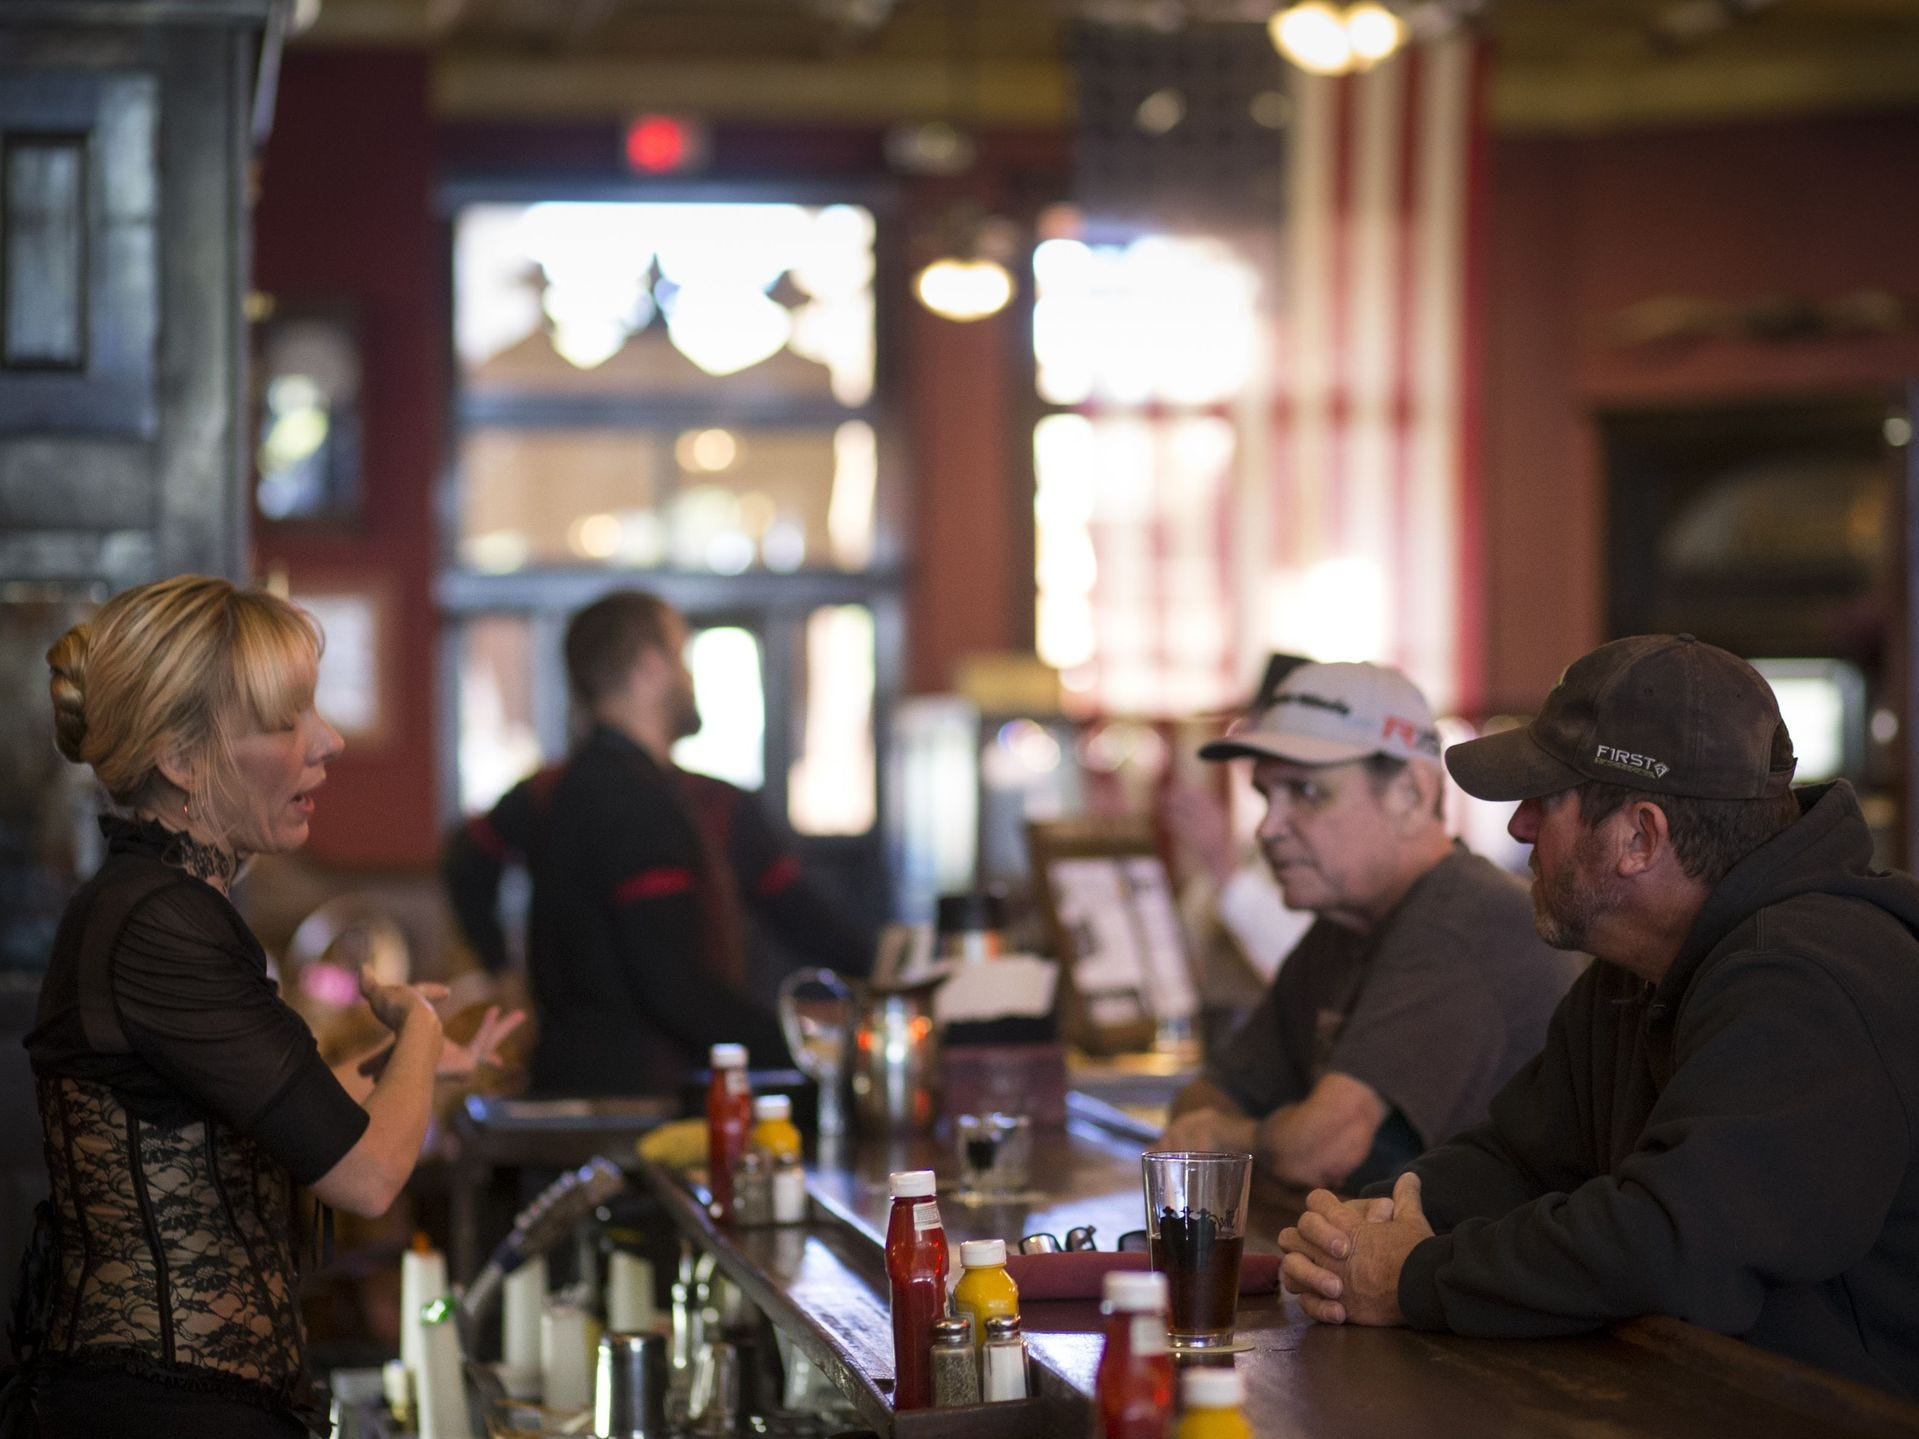 Martha Mekeel (izq) habla con los clientes, Bob Johnson (der) y Larry Hadley (centro), el 6 de noviembre de 2017, en Palace Saloon y Restaurant 120 S. Montezuma Street, Prescott, Arizona.